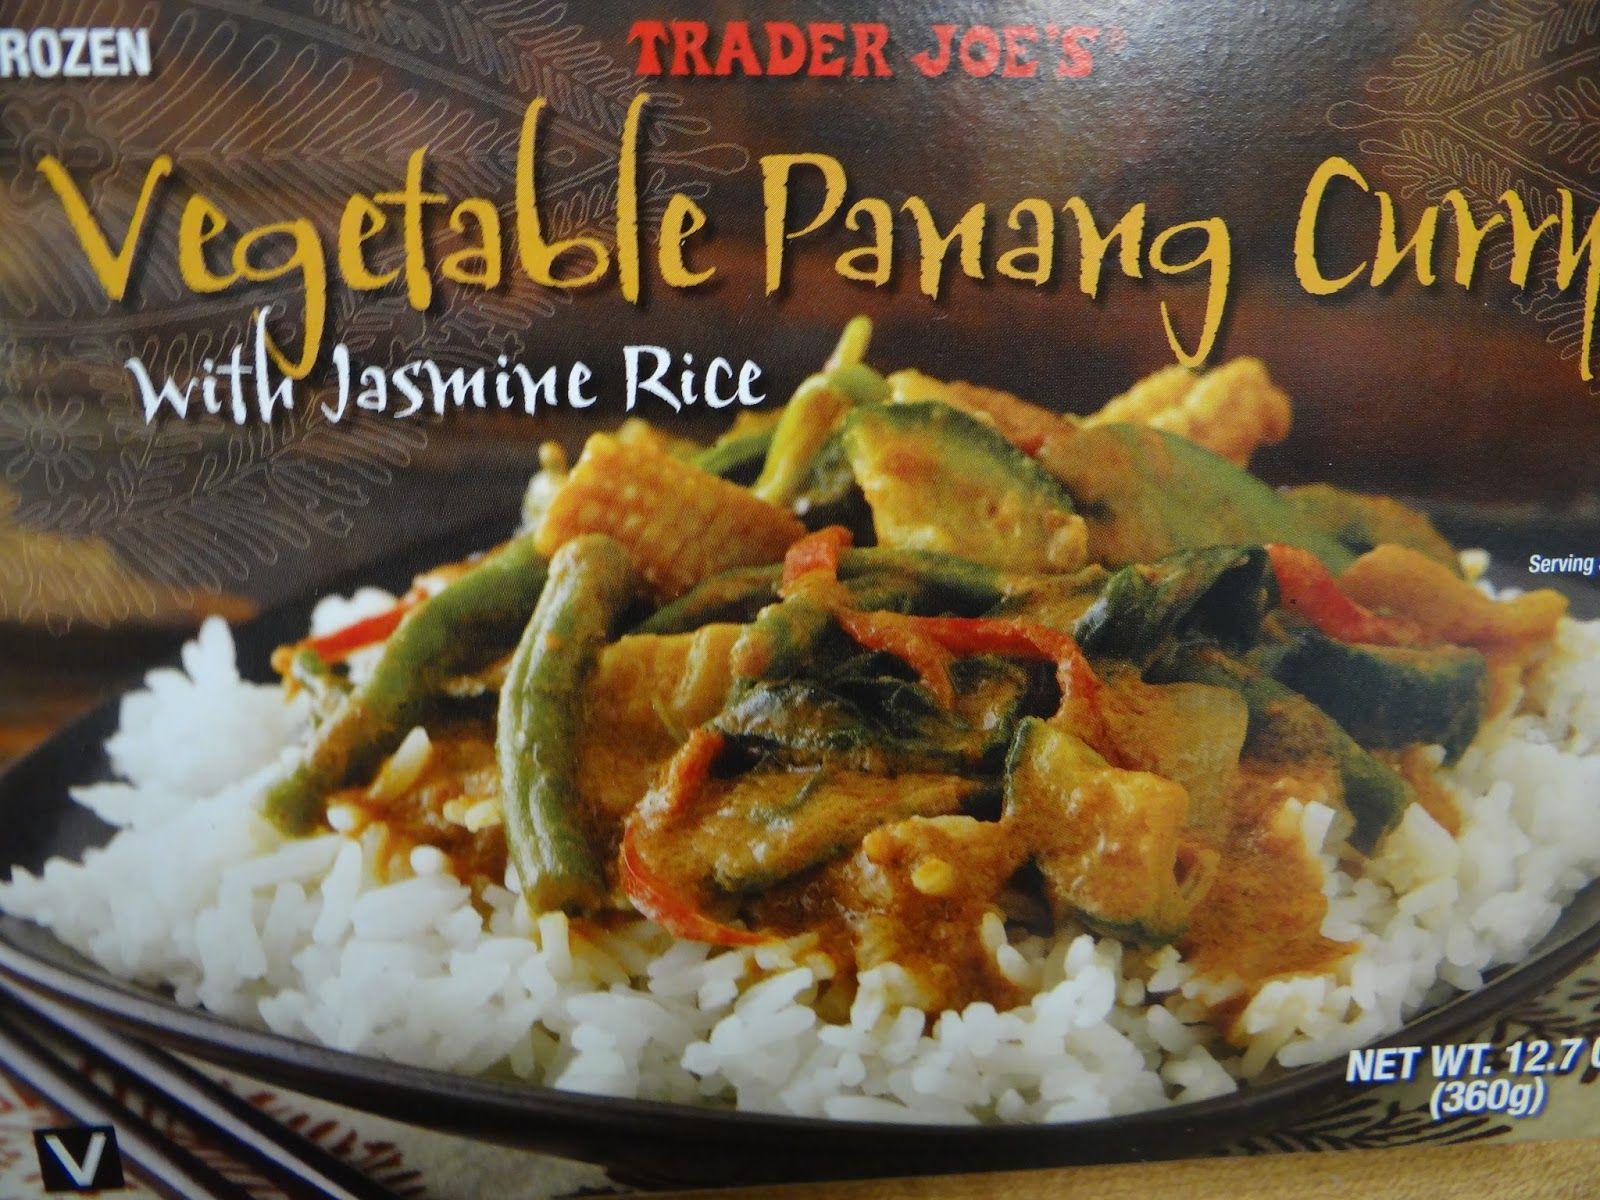 Trader Joe S 365 Day 221 Vegetable Panang Curry Trader Joe Trader Joes Vegan Trader Joes Convenience Food